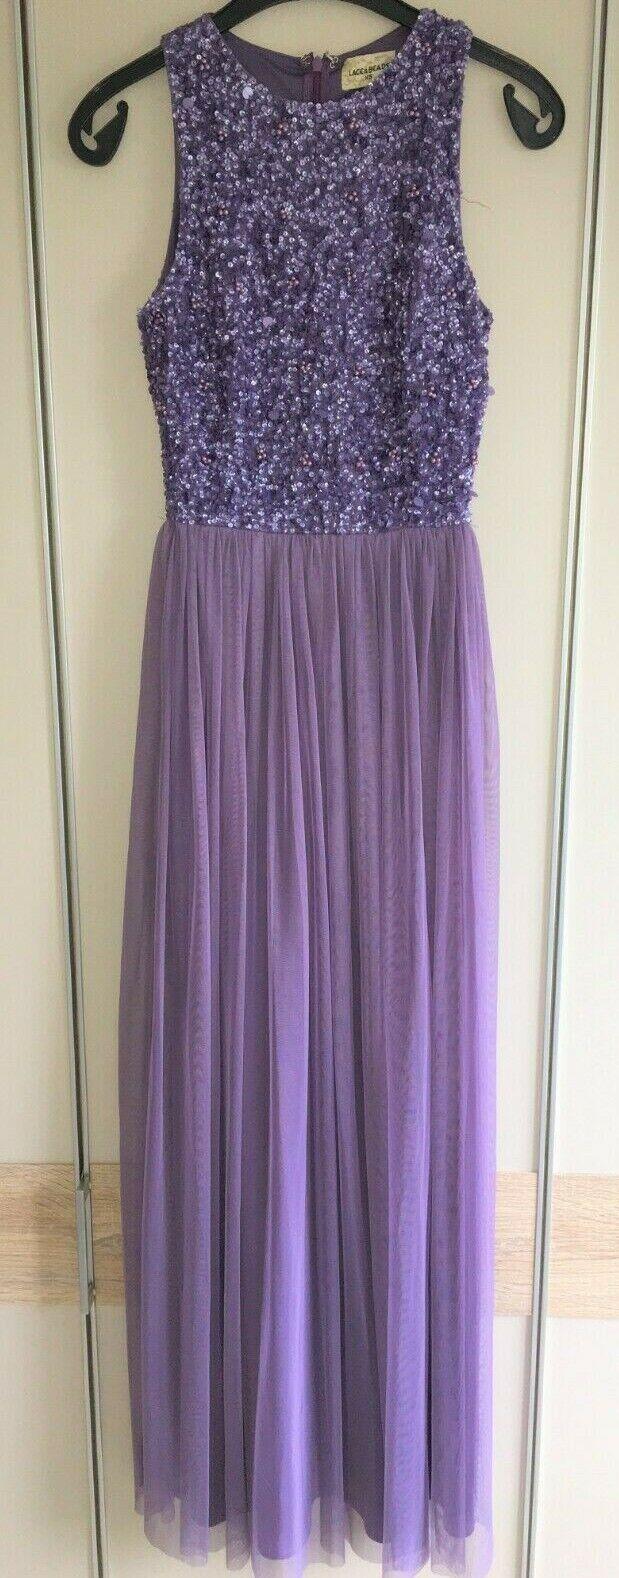 Abendkleid von Lace & Beads, Abschlusskleid, Festliches Kleid, XS Lila